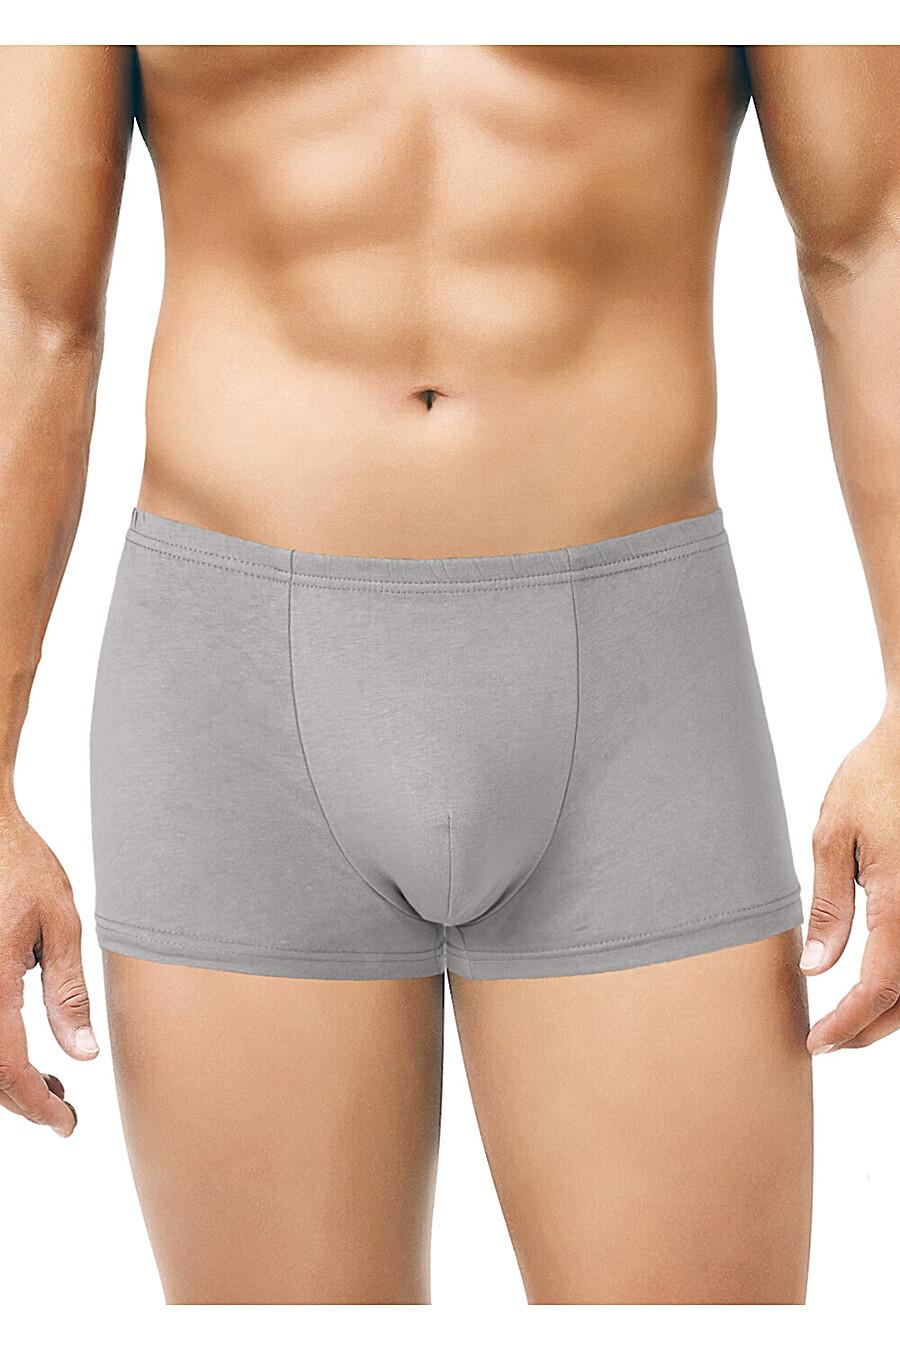 Трусы для мужчин CLEVER 219677 купить оптом от производителя. Совместная покупка мужской одежды в OptMoyo